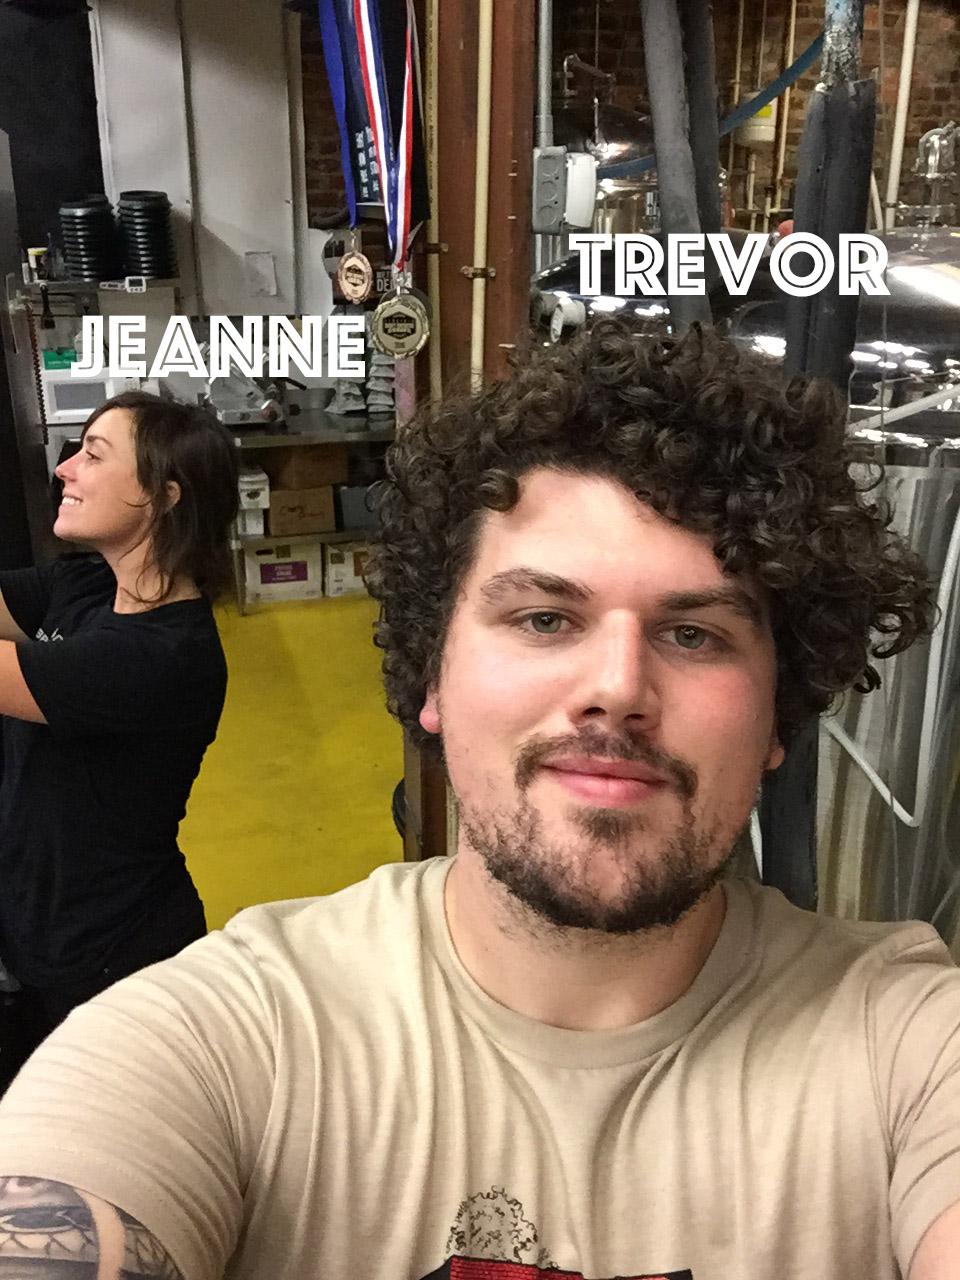 Jeanne_Trevor.jpg